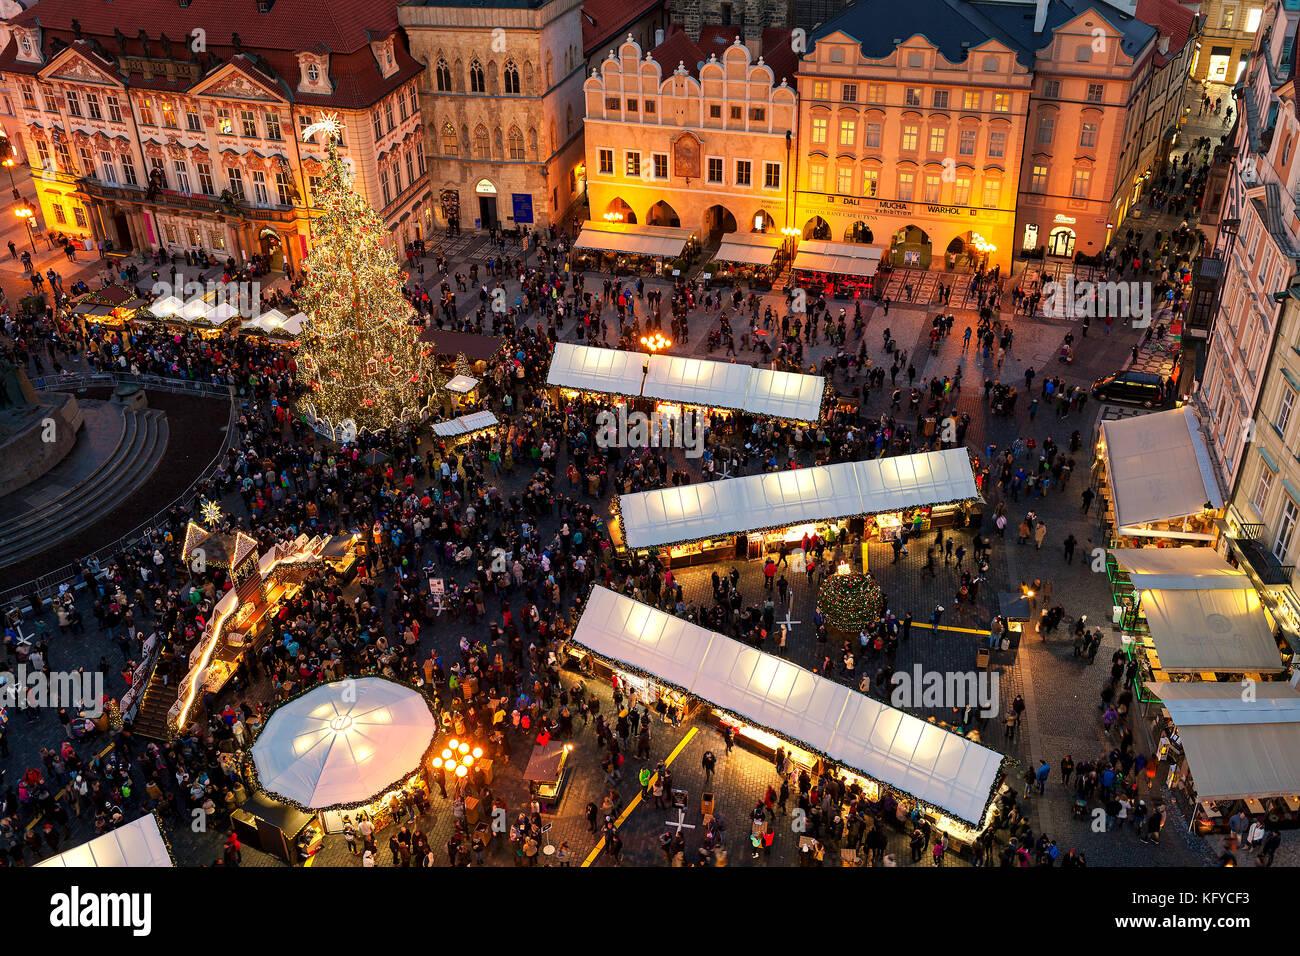 Prag, tschechische Republik - 11. Dezember 2016: Blick von oben auf den berühmten traditionellen Weihnachtsmarkt Stockbild